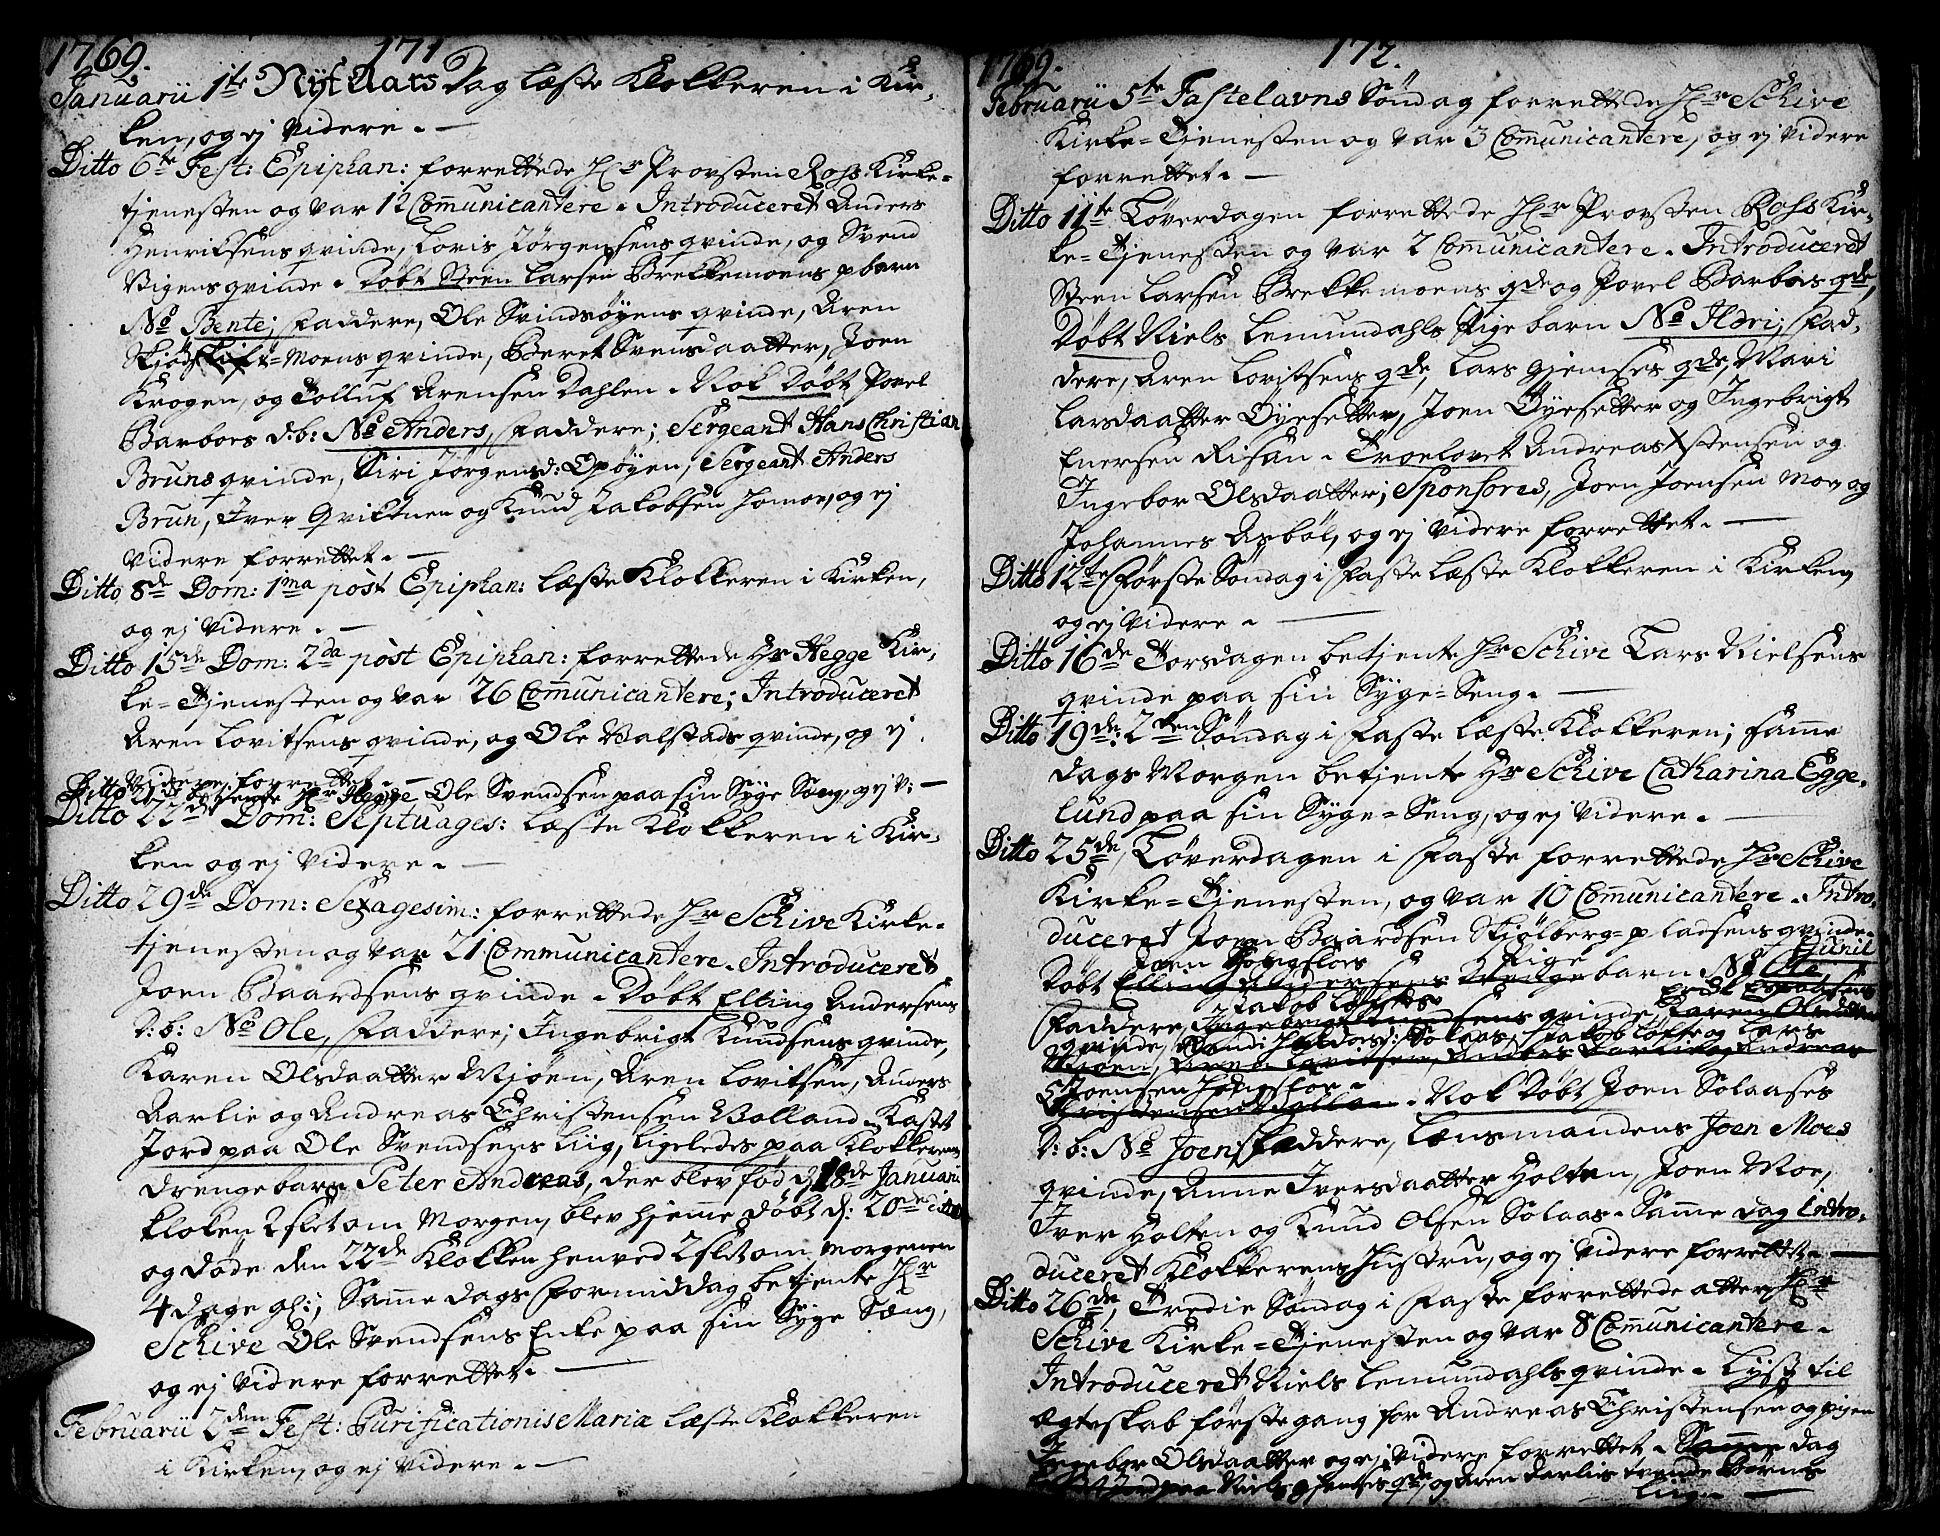 SAT, Ministerialprotokoller, klokkerbøker og fødselsregistre - Sør-Trøndelag, 671/L0840: Ministerialbok nr. 671A02, 1756-1794, s. 171-172